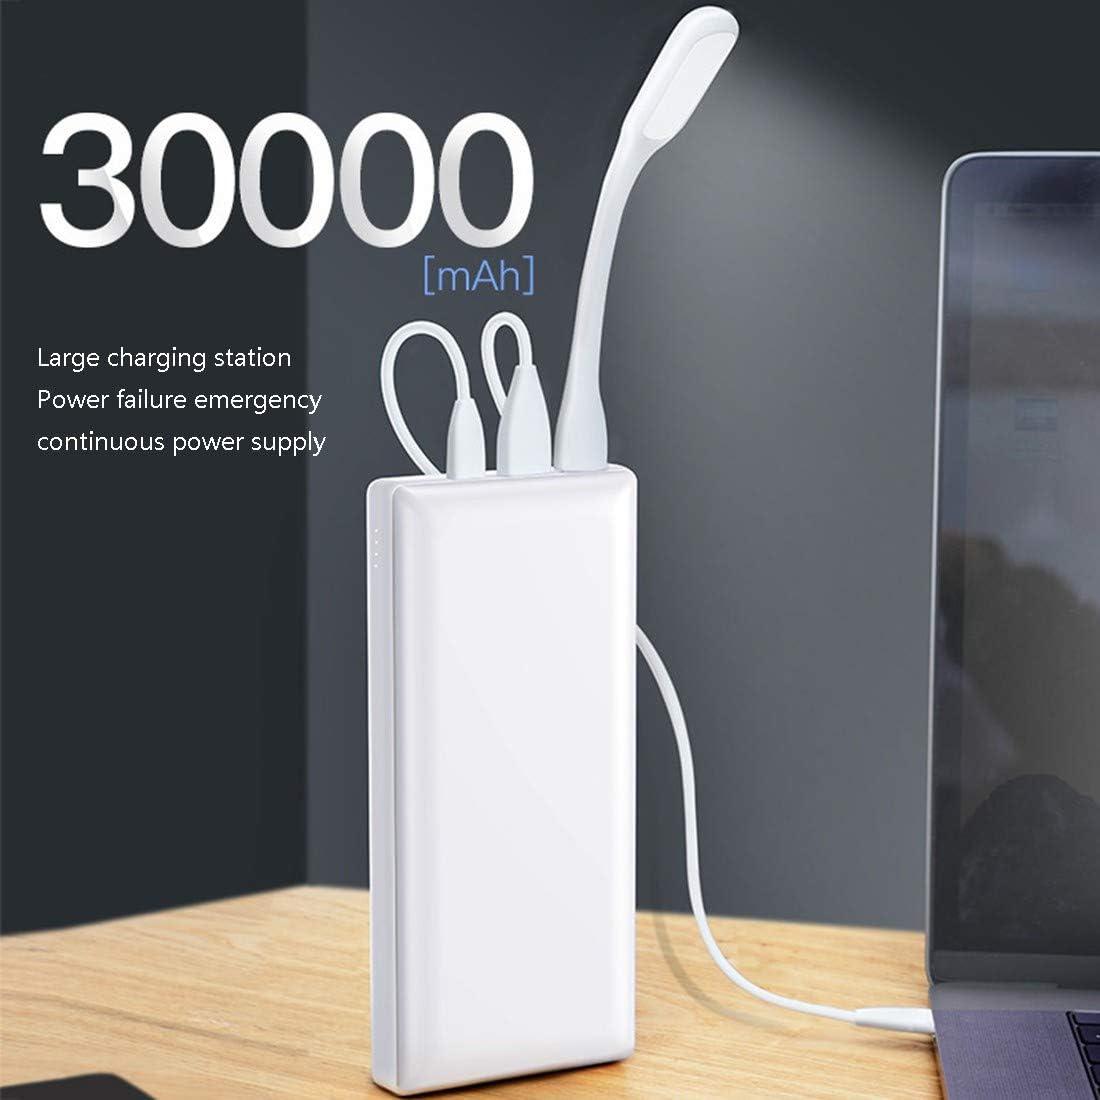 MMFXUE Power Bank 30000mAh Potenza Mobile Esterna Carica Rapida Alimentatore per Cellulare Grande capacità Compatibile per iPhone iPad Tablet Android White